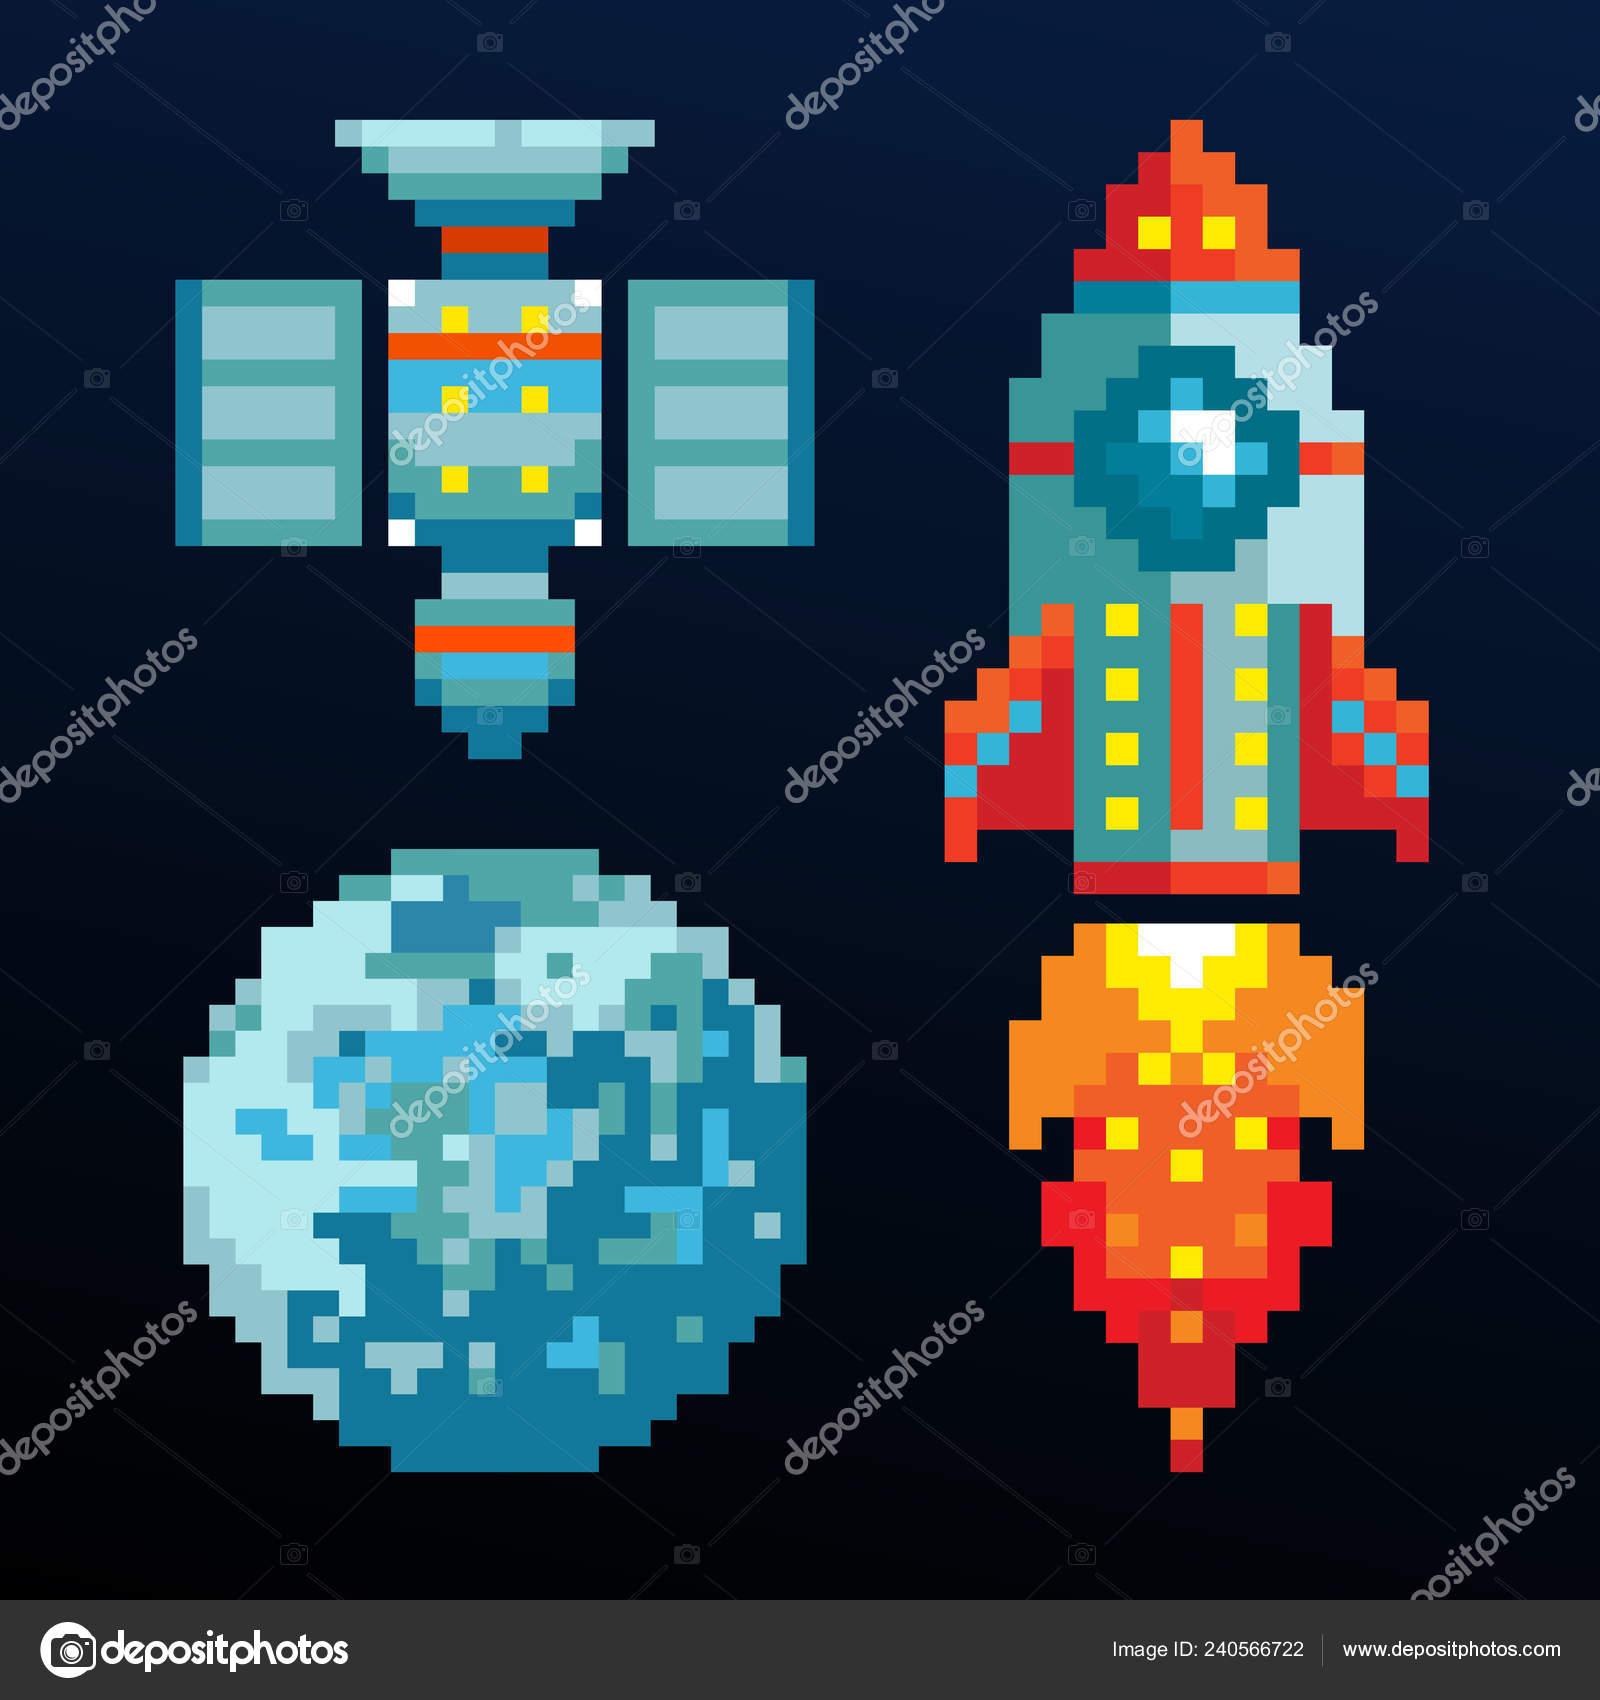 Pixel Art Ordinateur Espace Objets Jeu Fusée Jeux Vidéo Bits